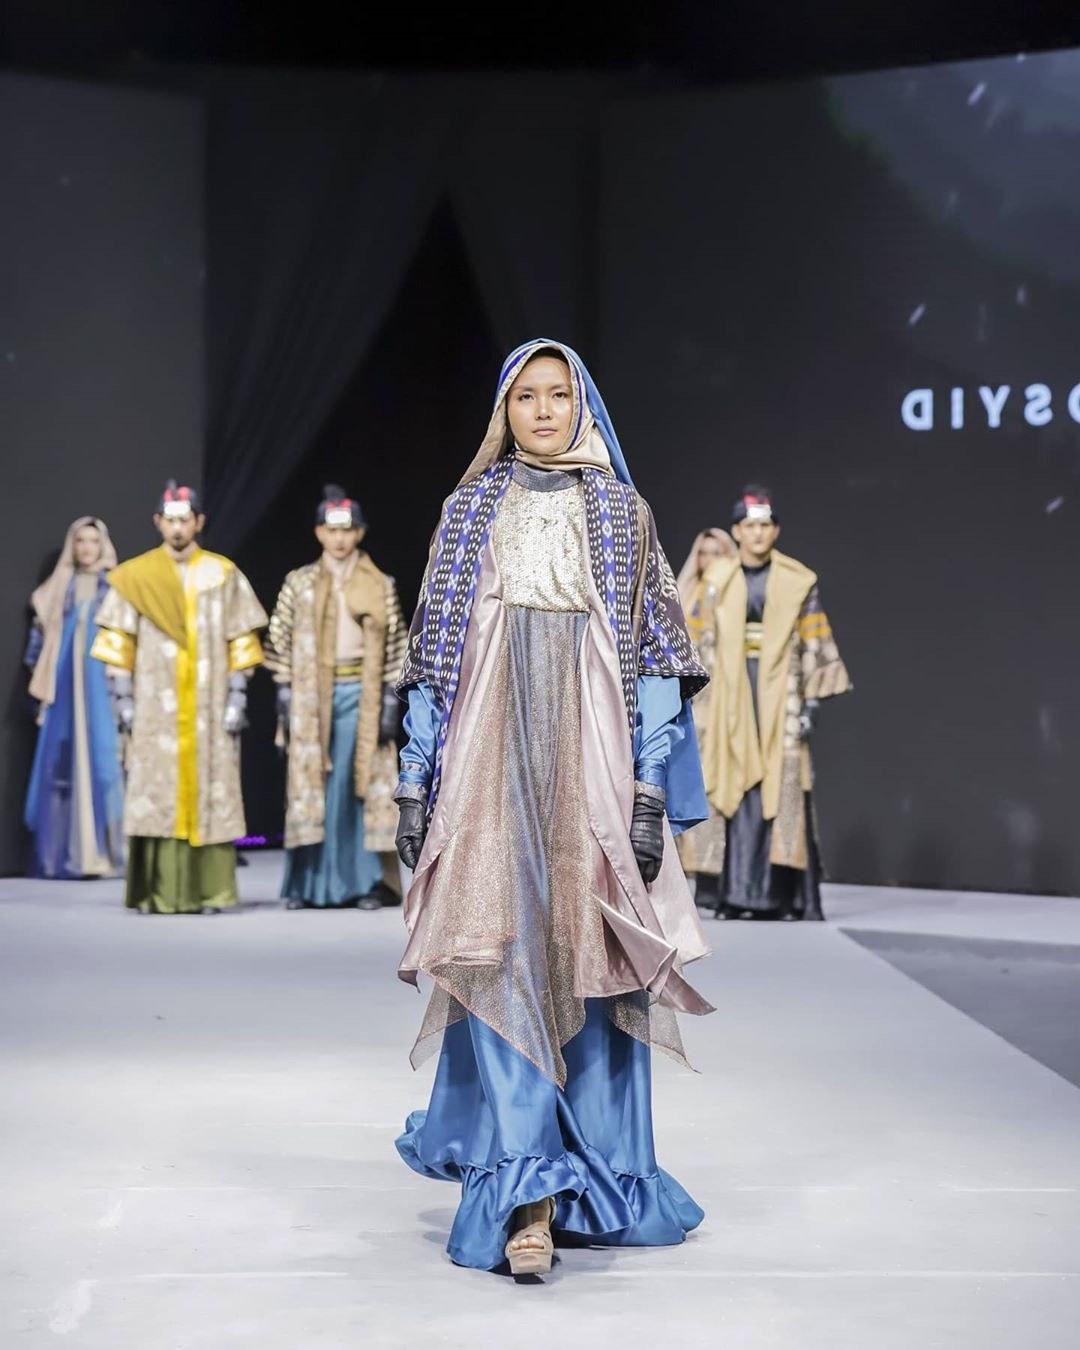 Bentuk Model Baju Lebaran Tahun 2020 9ddf Inspirasi Model Baju Lebaran 2020 Dari Para Desainer